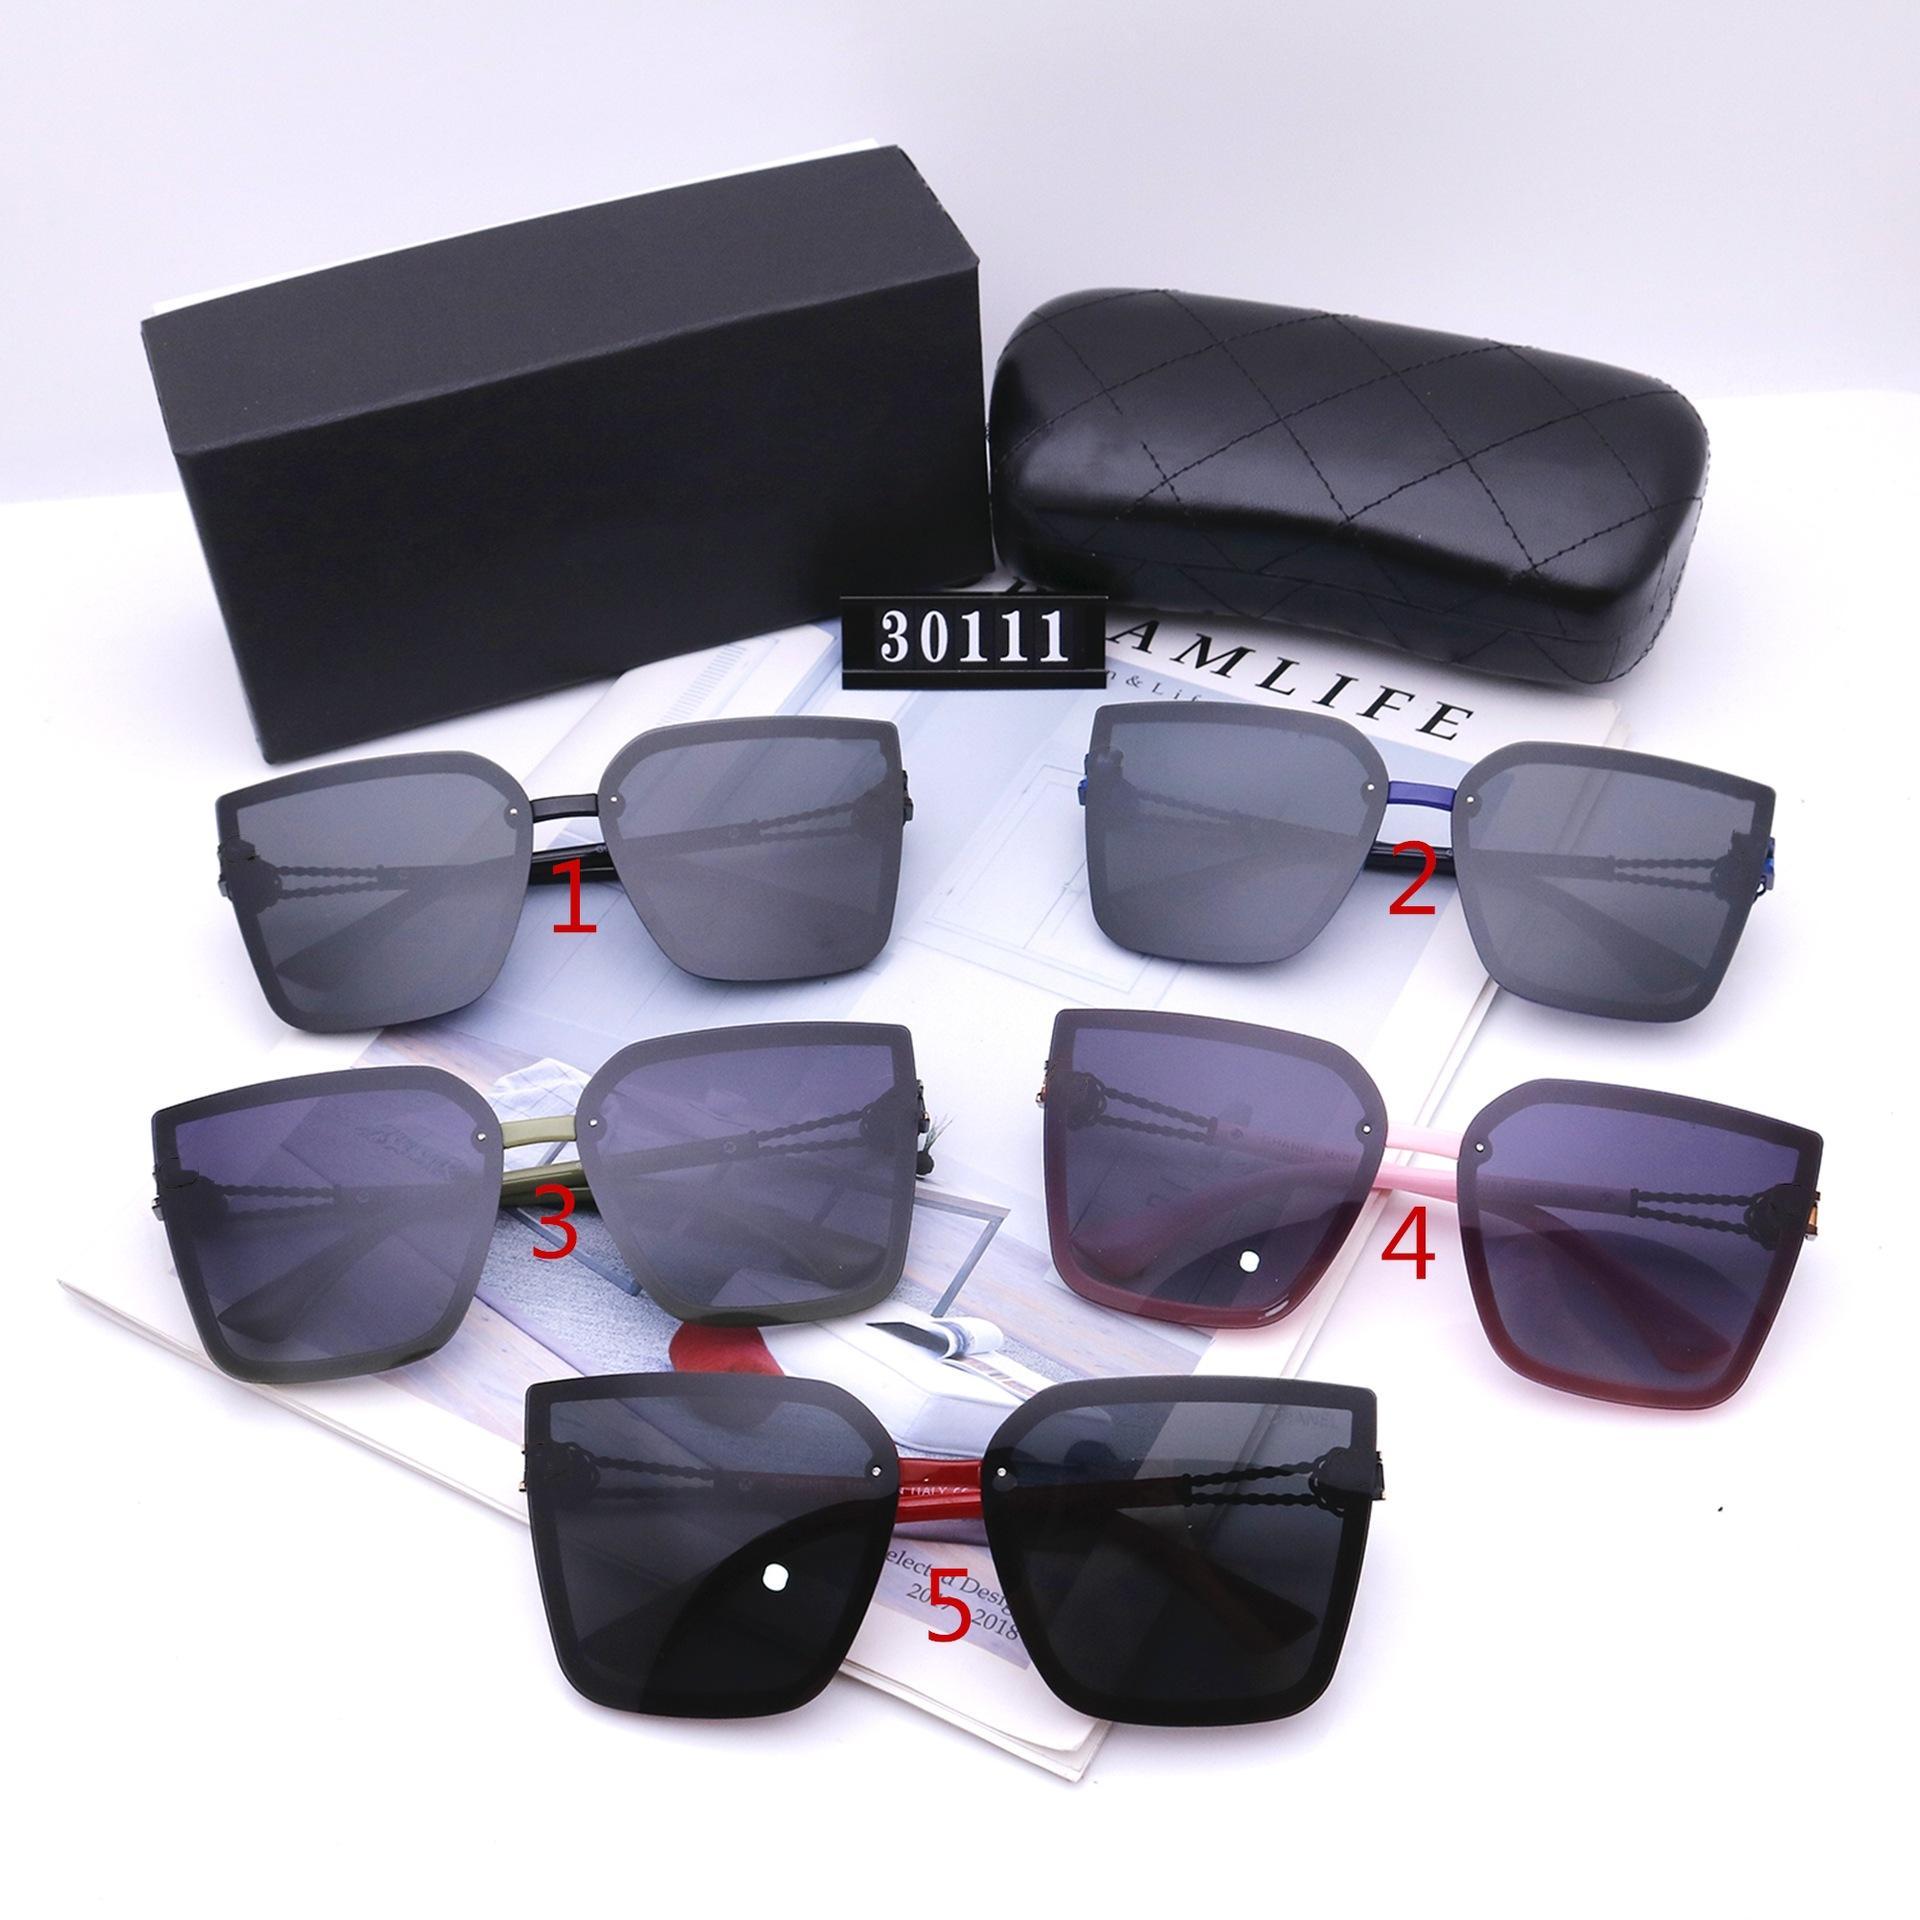 الأزياء القط العين النظارات للنساء المصممين الفاخرة جودة عالية HD الاستقطاب عدسات إطار كبير القيادة نظارات 30111